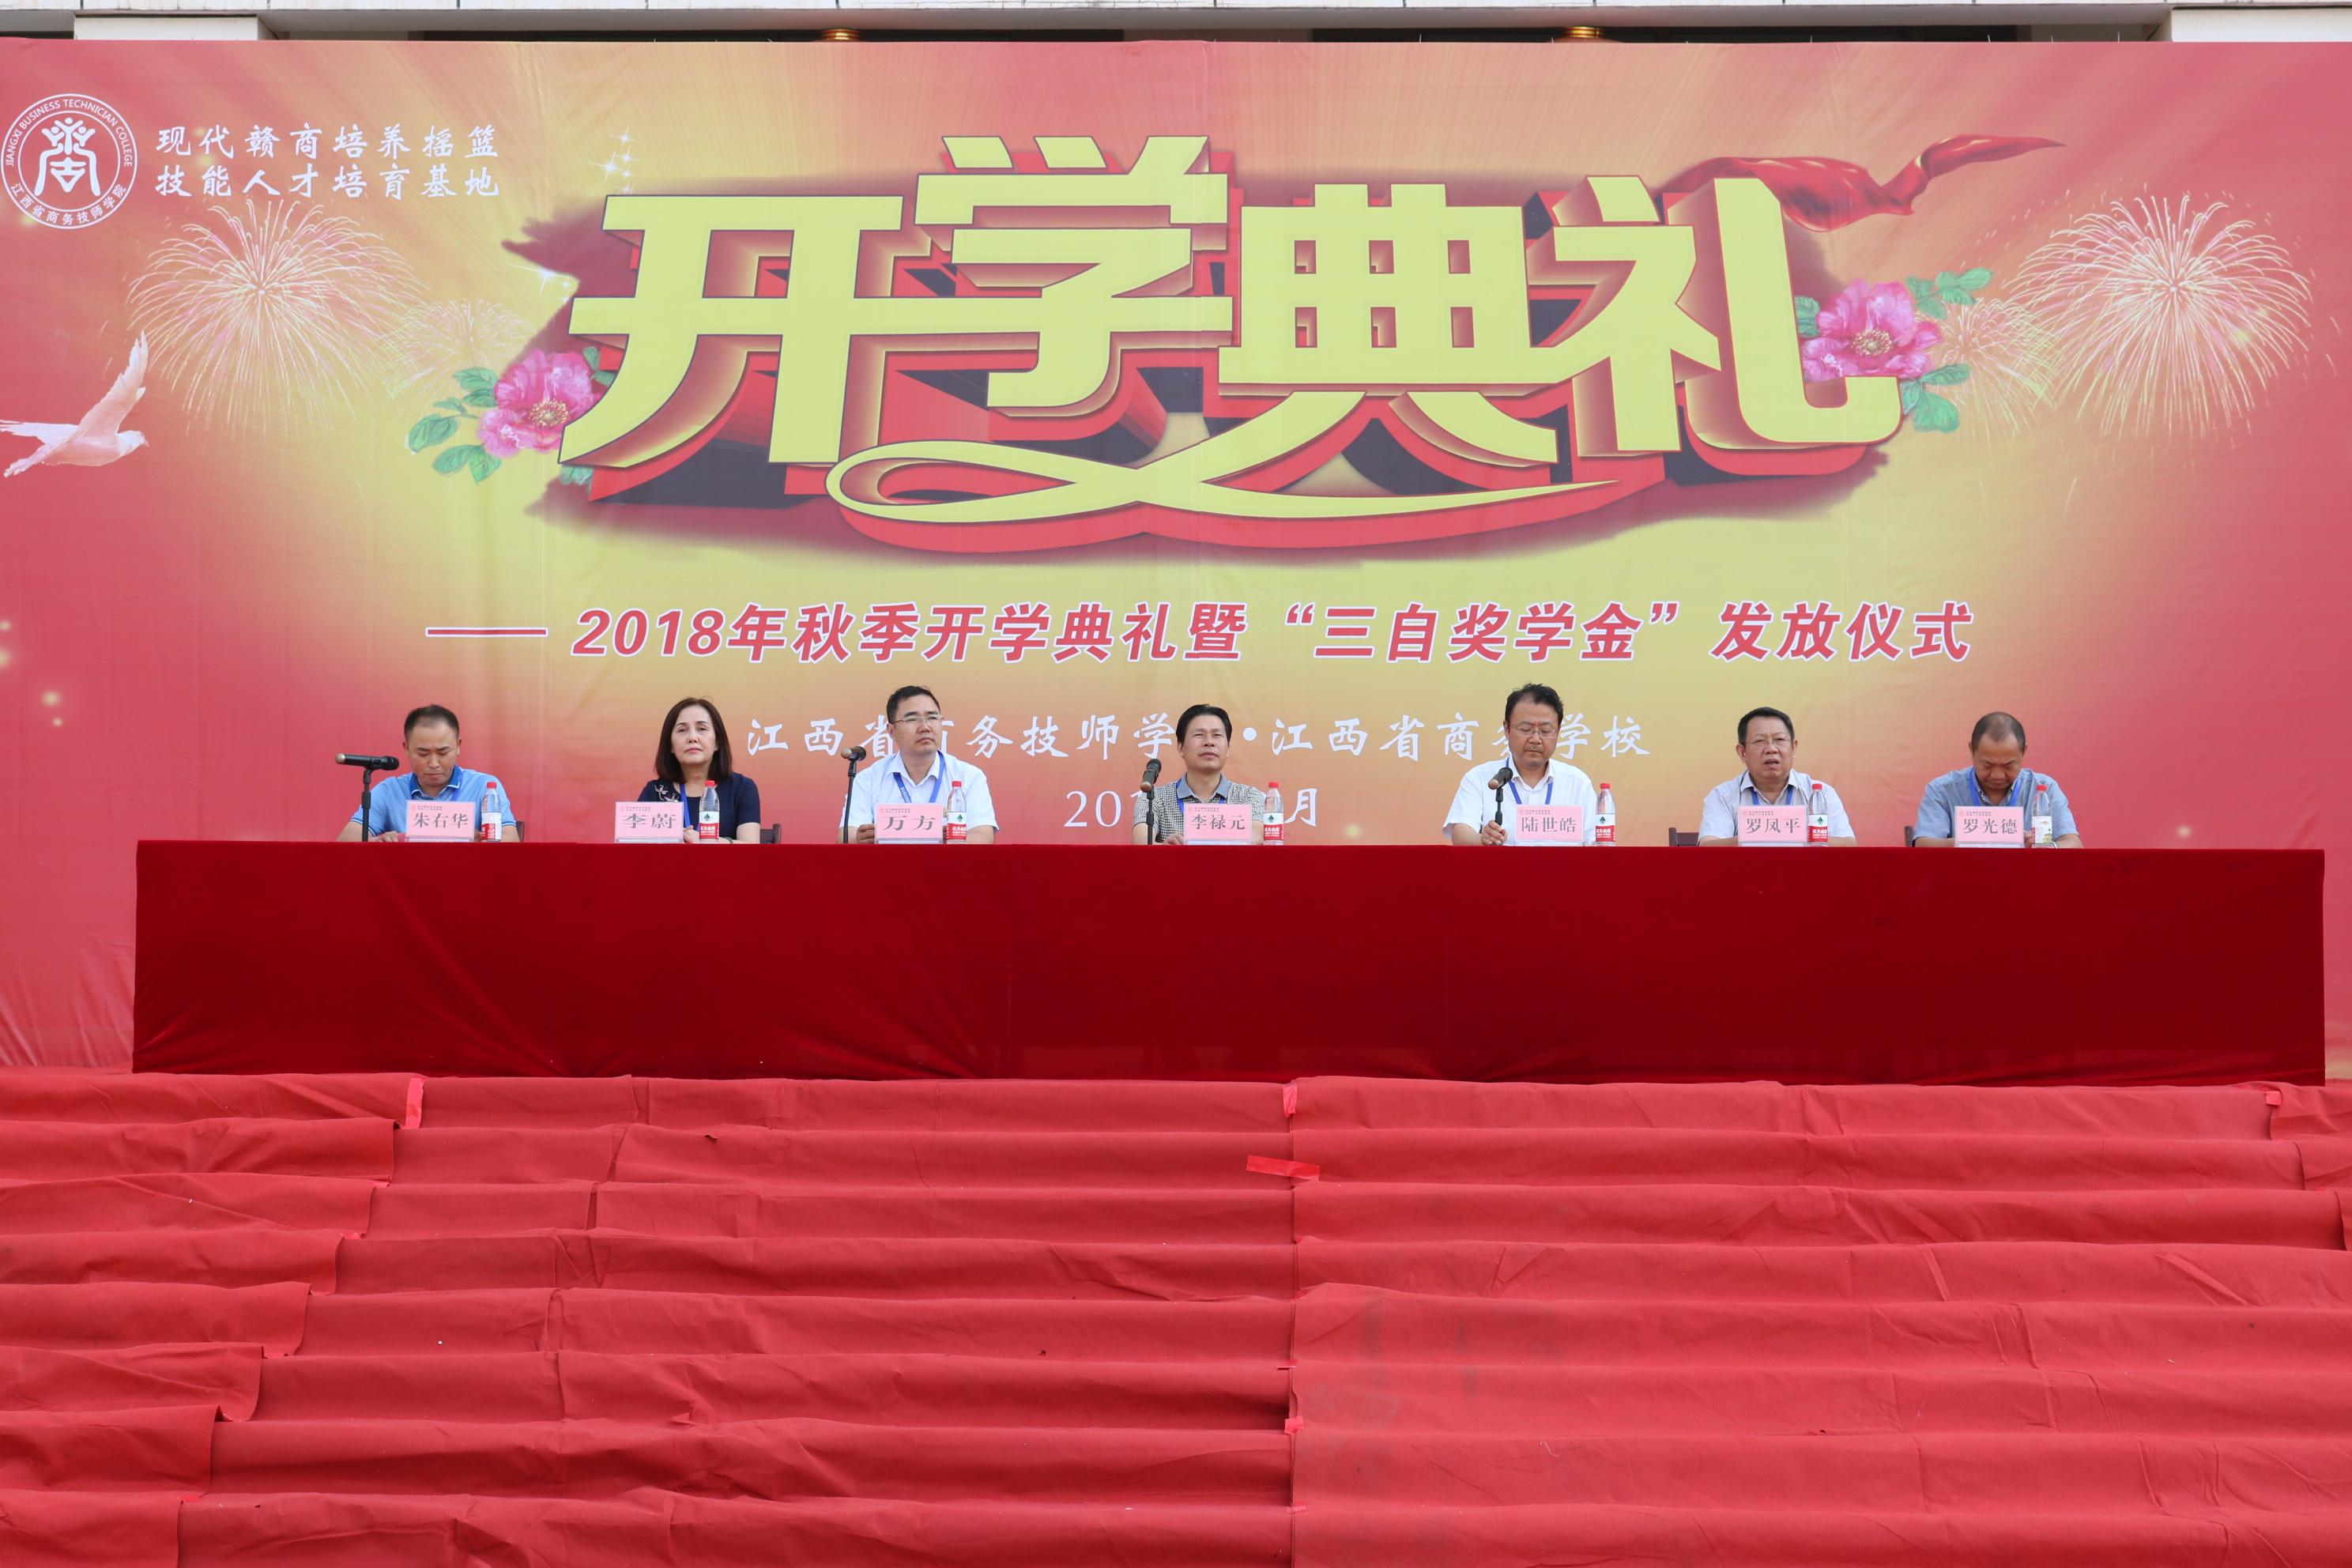 李禄元校长及全体在家校领导出席开学典礼